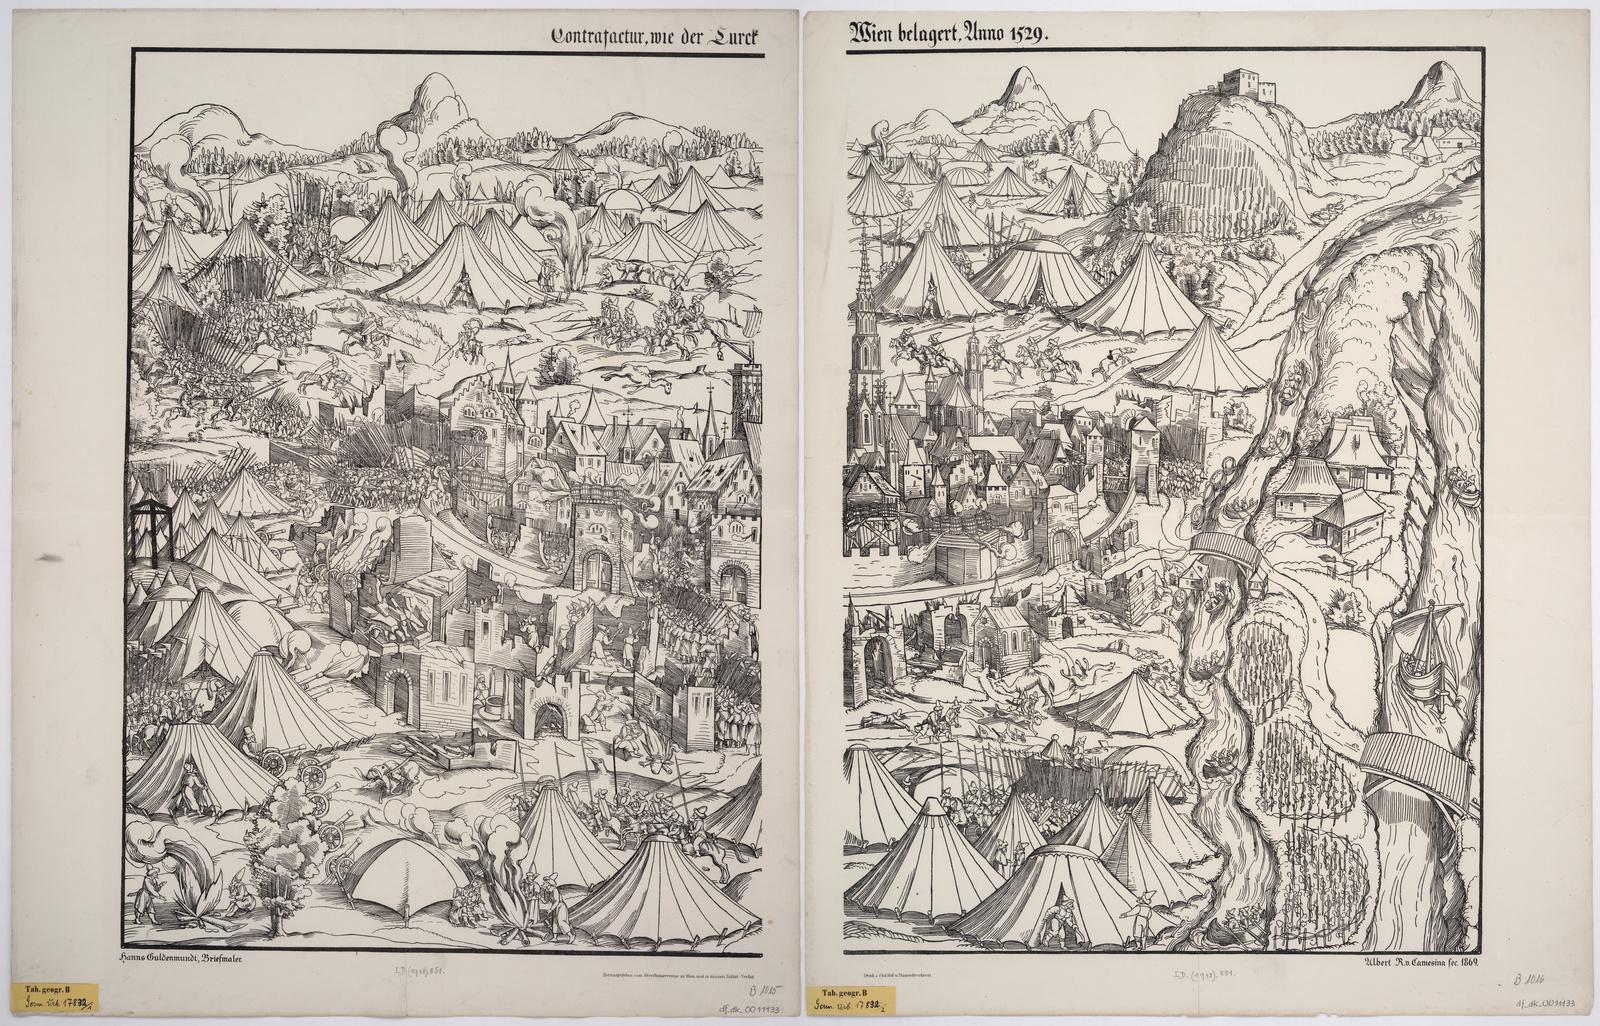 Hanns Guldenmundt, Contrafactur, wie der Turck Wien belagert, Lithographie, 1869 ; Quelle: SLUB Dresden, Deutsche Fotothek und Kartensammlung Inv.-Nr. SLUB/KS B1015-B1016 & SLUB/KS B1015 & SLUB/KS B1016 ), http://www.deutschefotothek.de/info/kartenforum.html